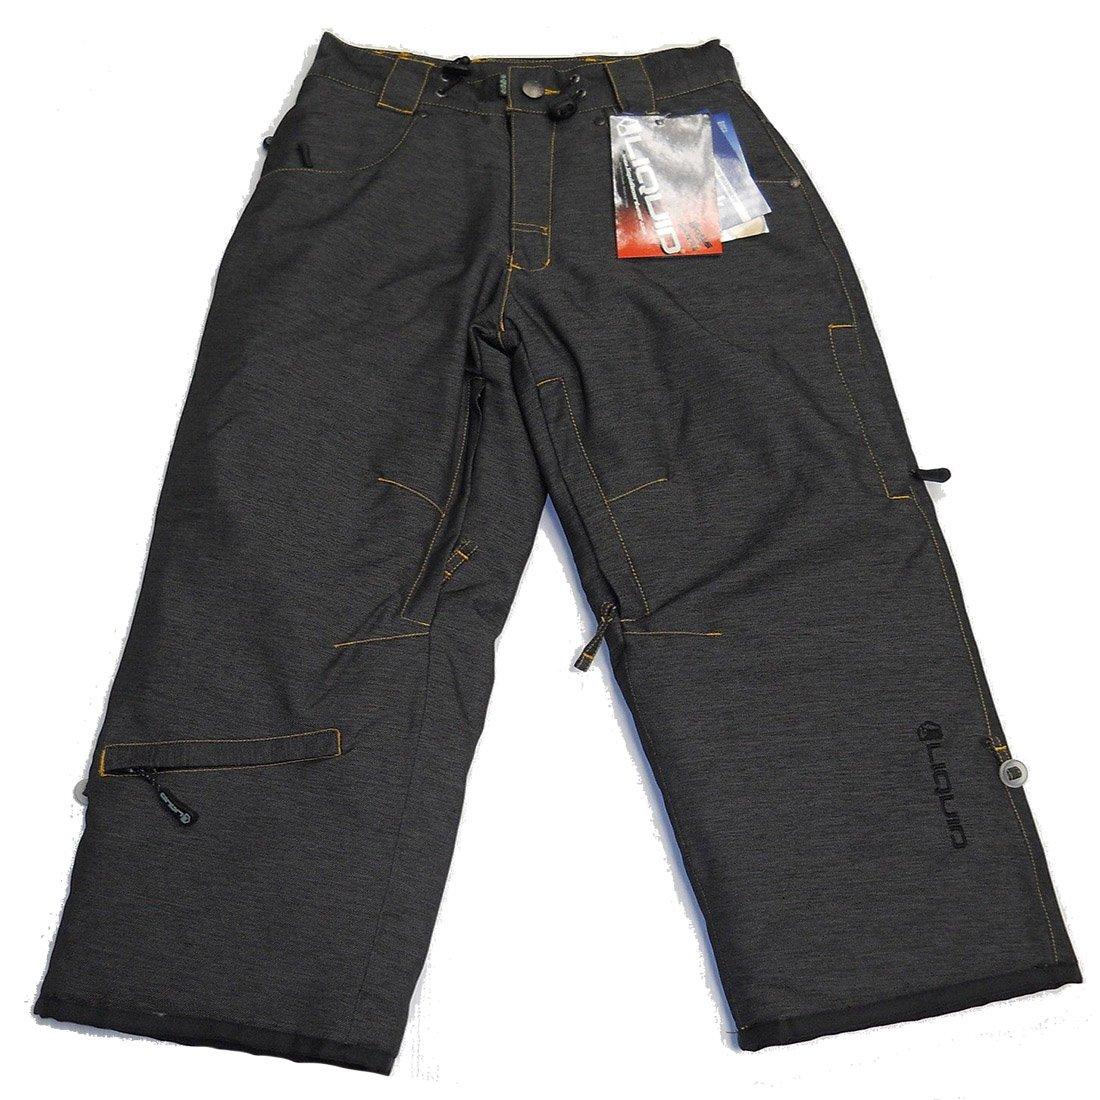 Liquid Boardwear Boys Shermy Pant Size Medium Black by Liquid Boardwear